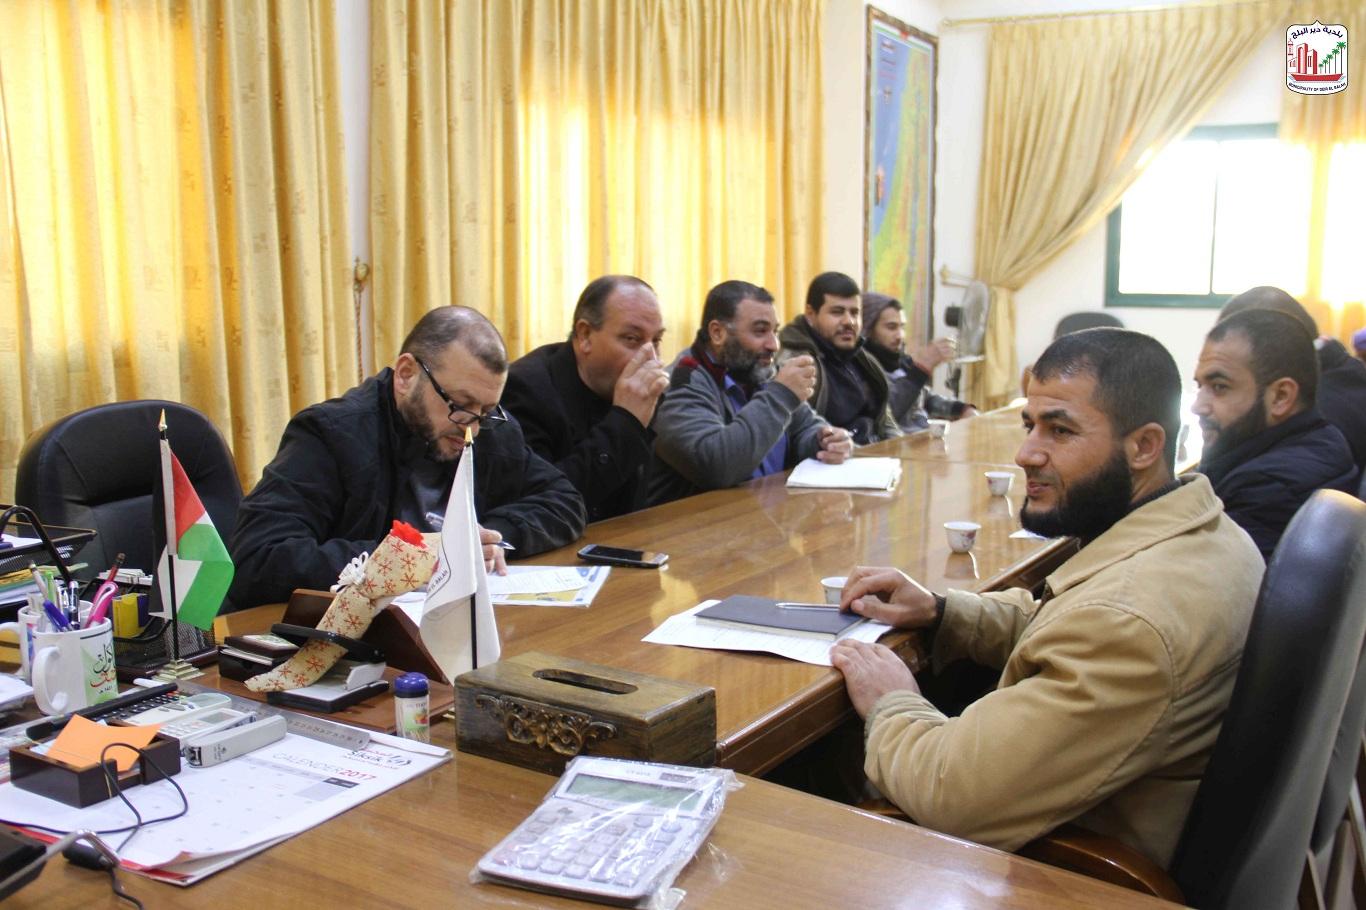 رئيس البلدية يجتمع مع الشؤون الإدارية وقلم الجمهور وبحث الأمور المتعلقة بتطوير العمل